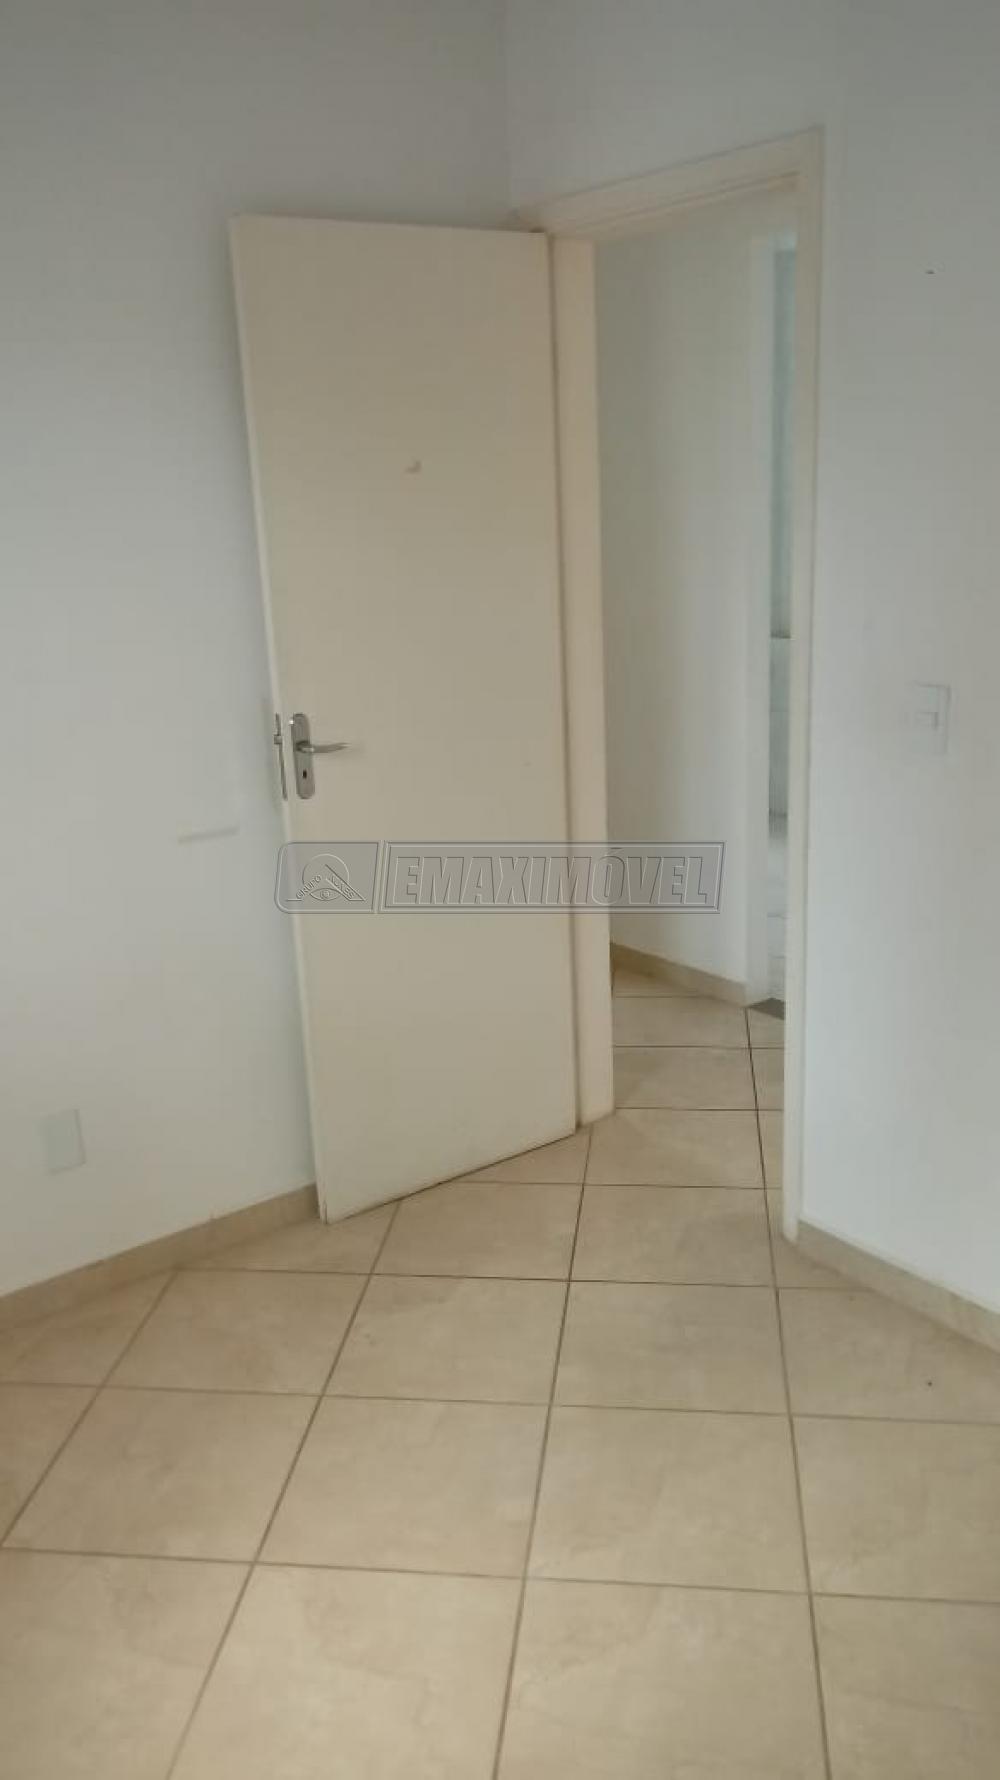 Alugar Apartamento / Padrão em Sorocaba R$ 700,00 - Foto 7